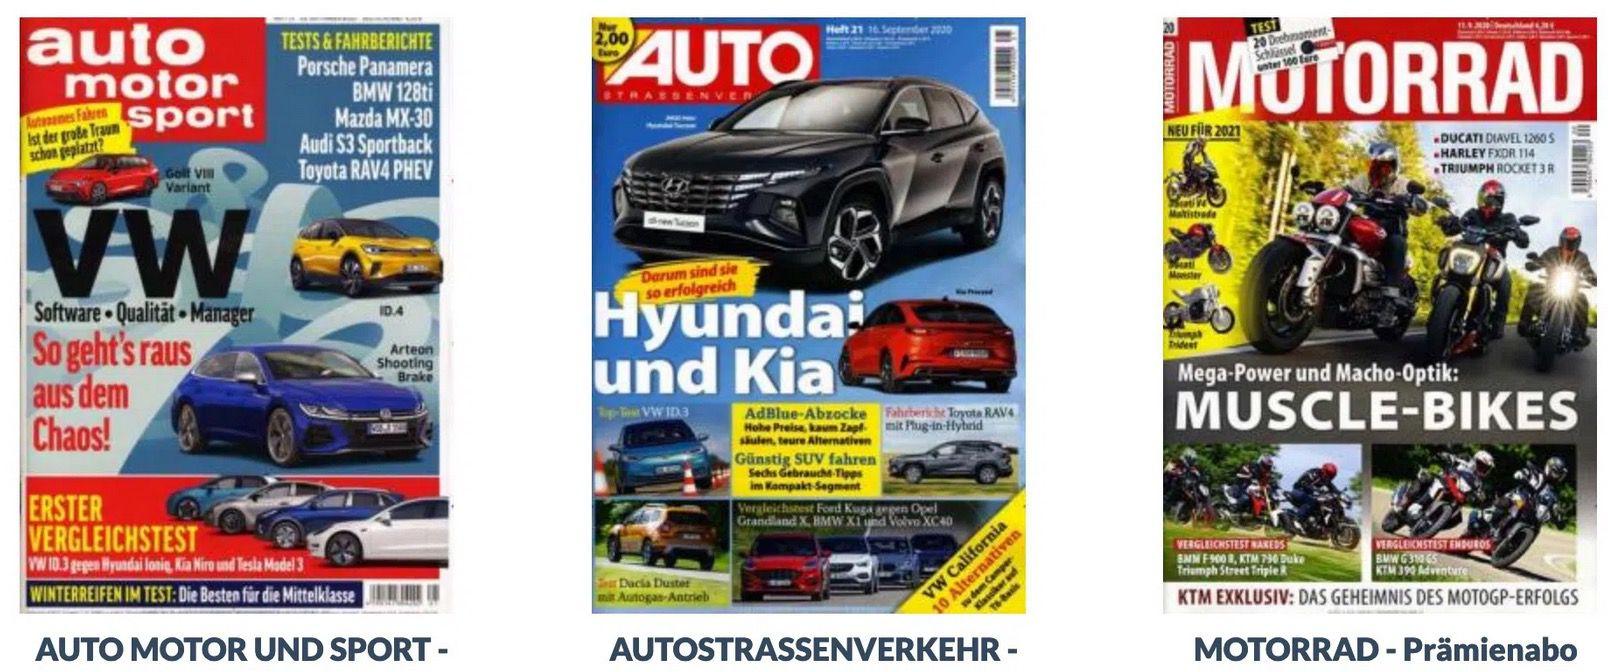 DPV Herbstkampagne   Viele Abos mit guten Prämien – z.B. Auto Motor und Sport für 99,90€ + 90€ Prämie